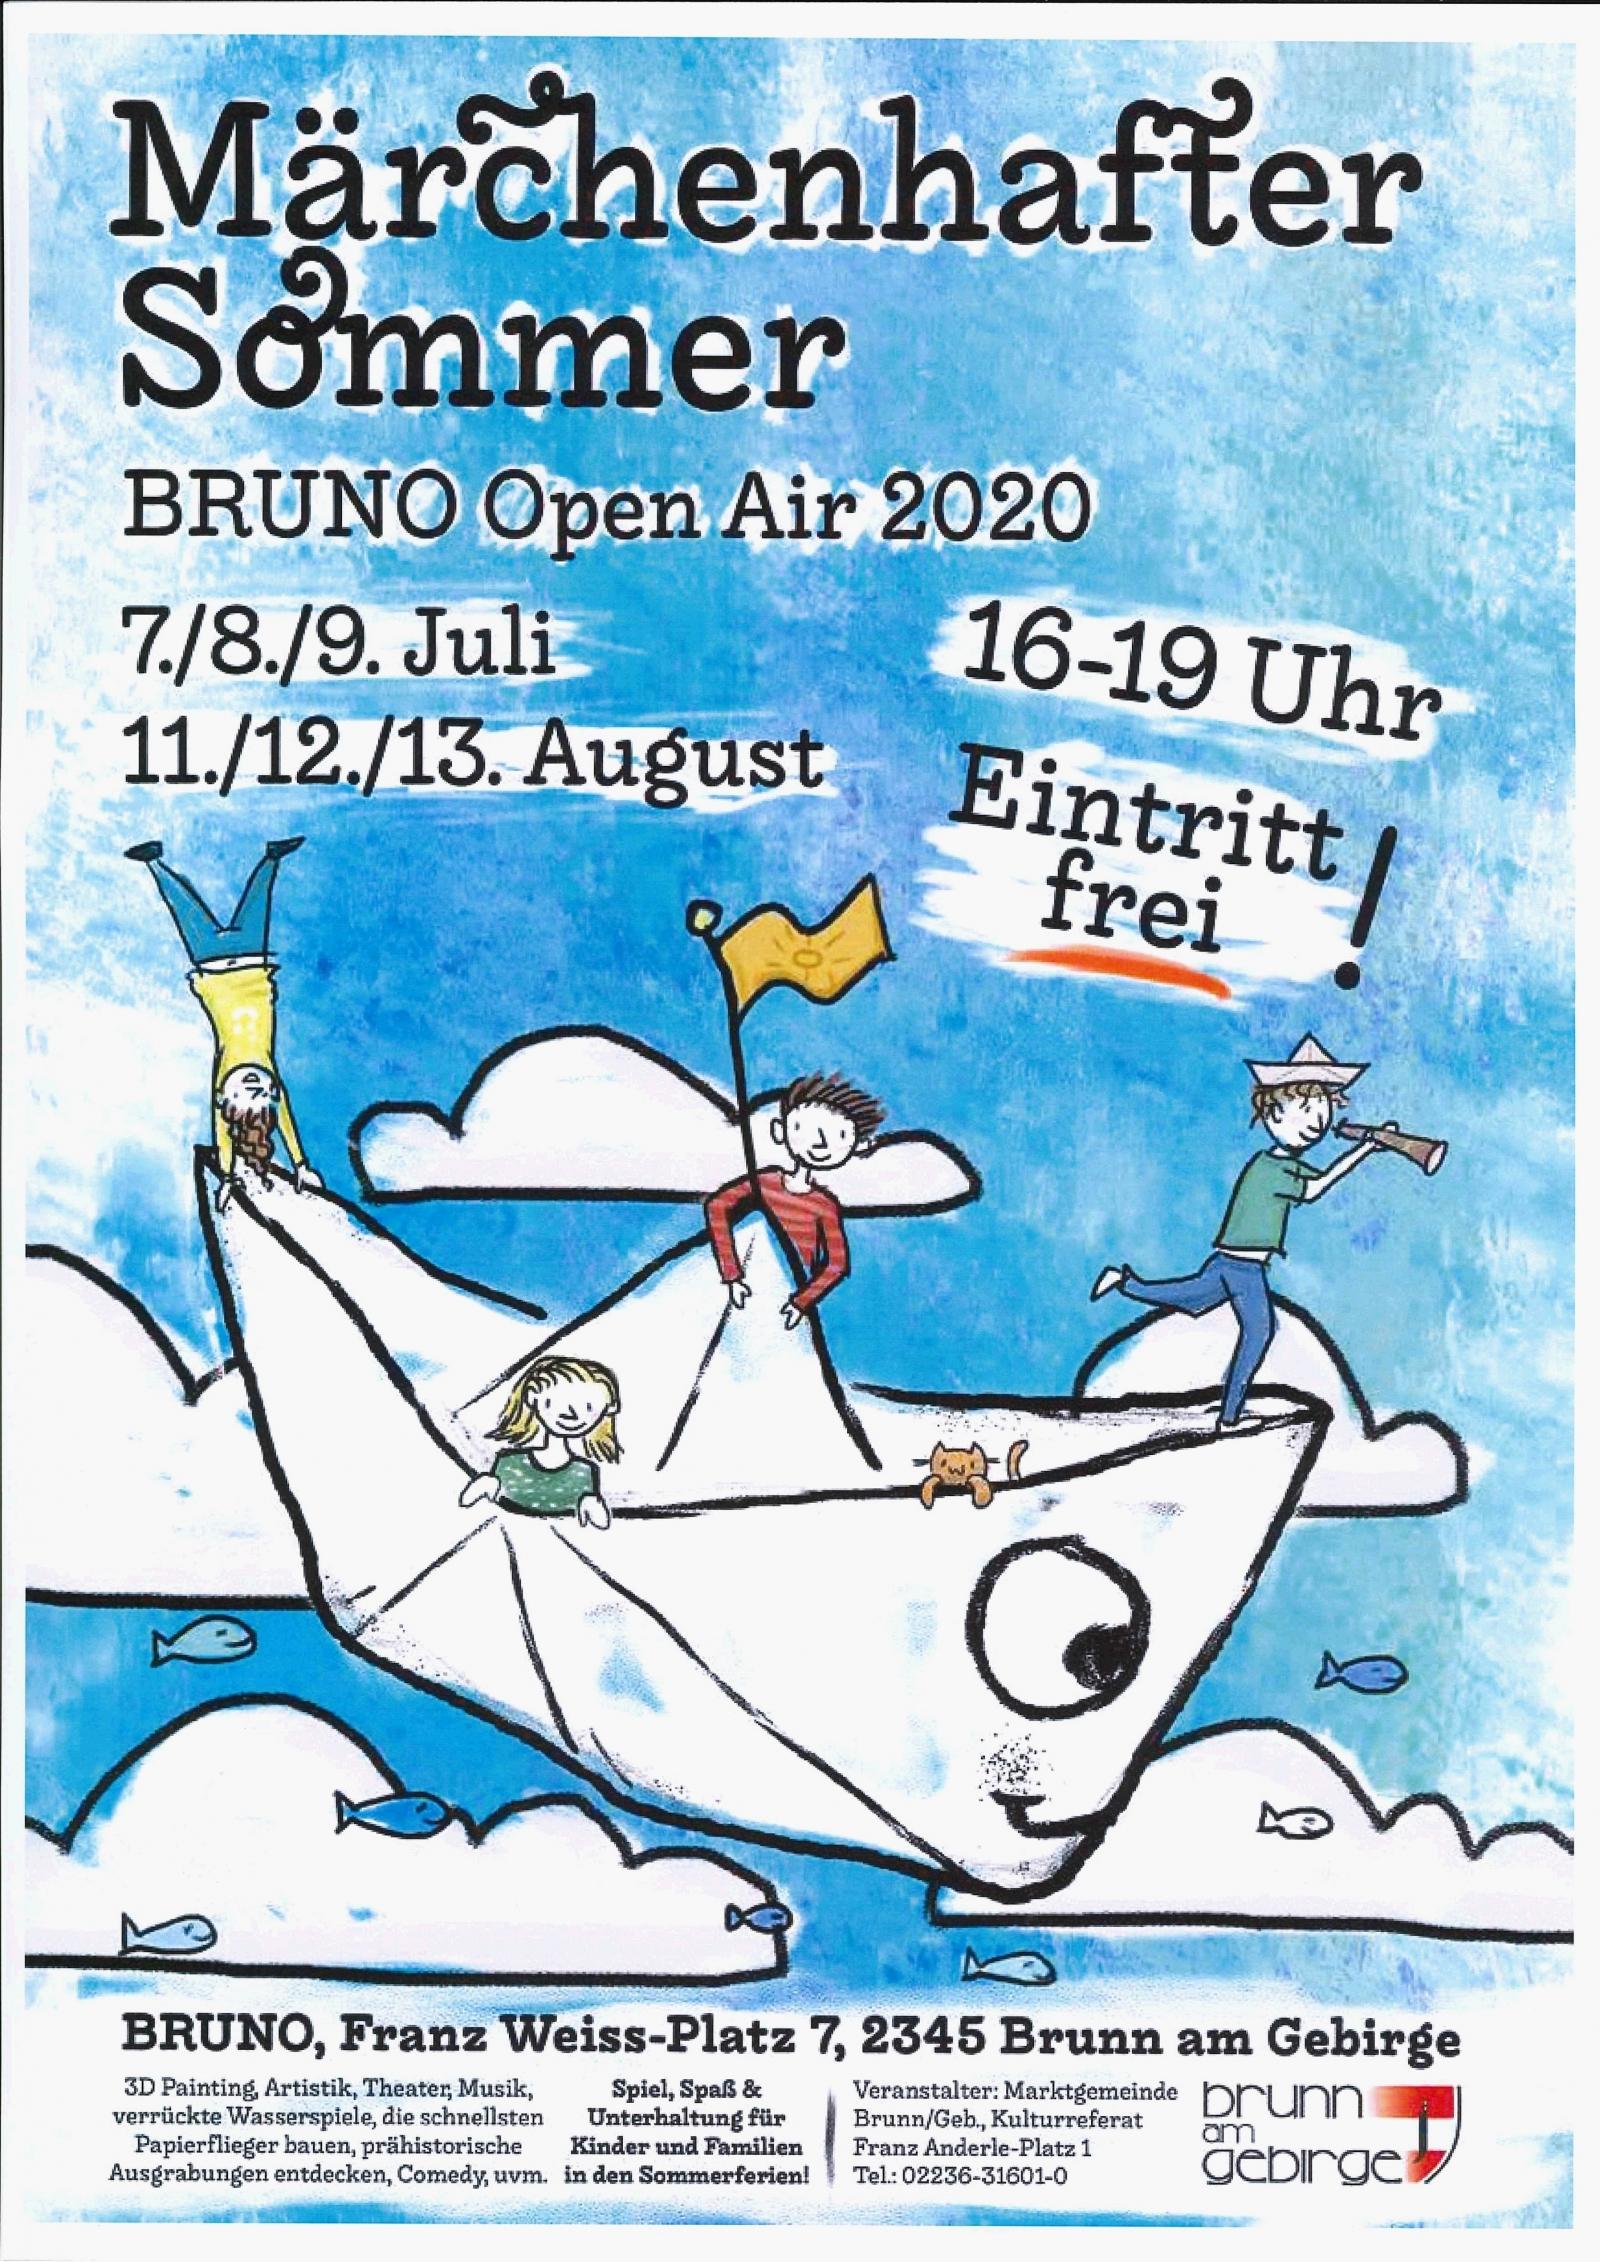 Märchenhafter Sommer - BRUNO Open Air 2020